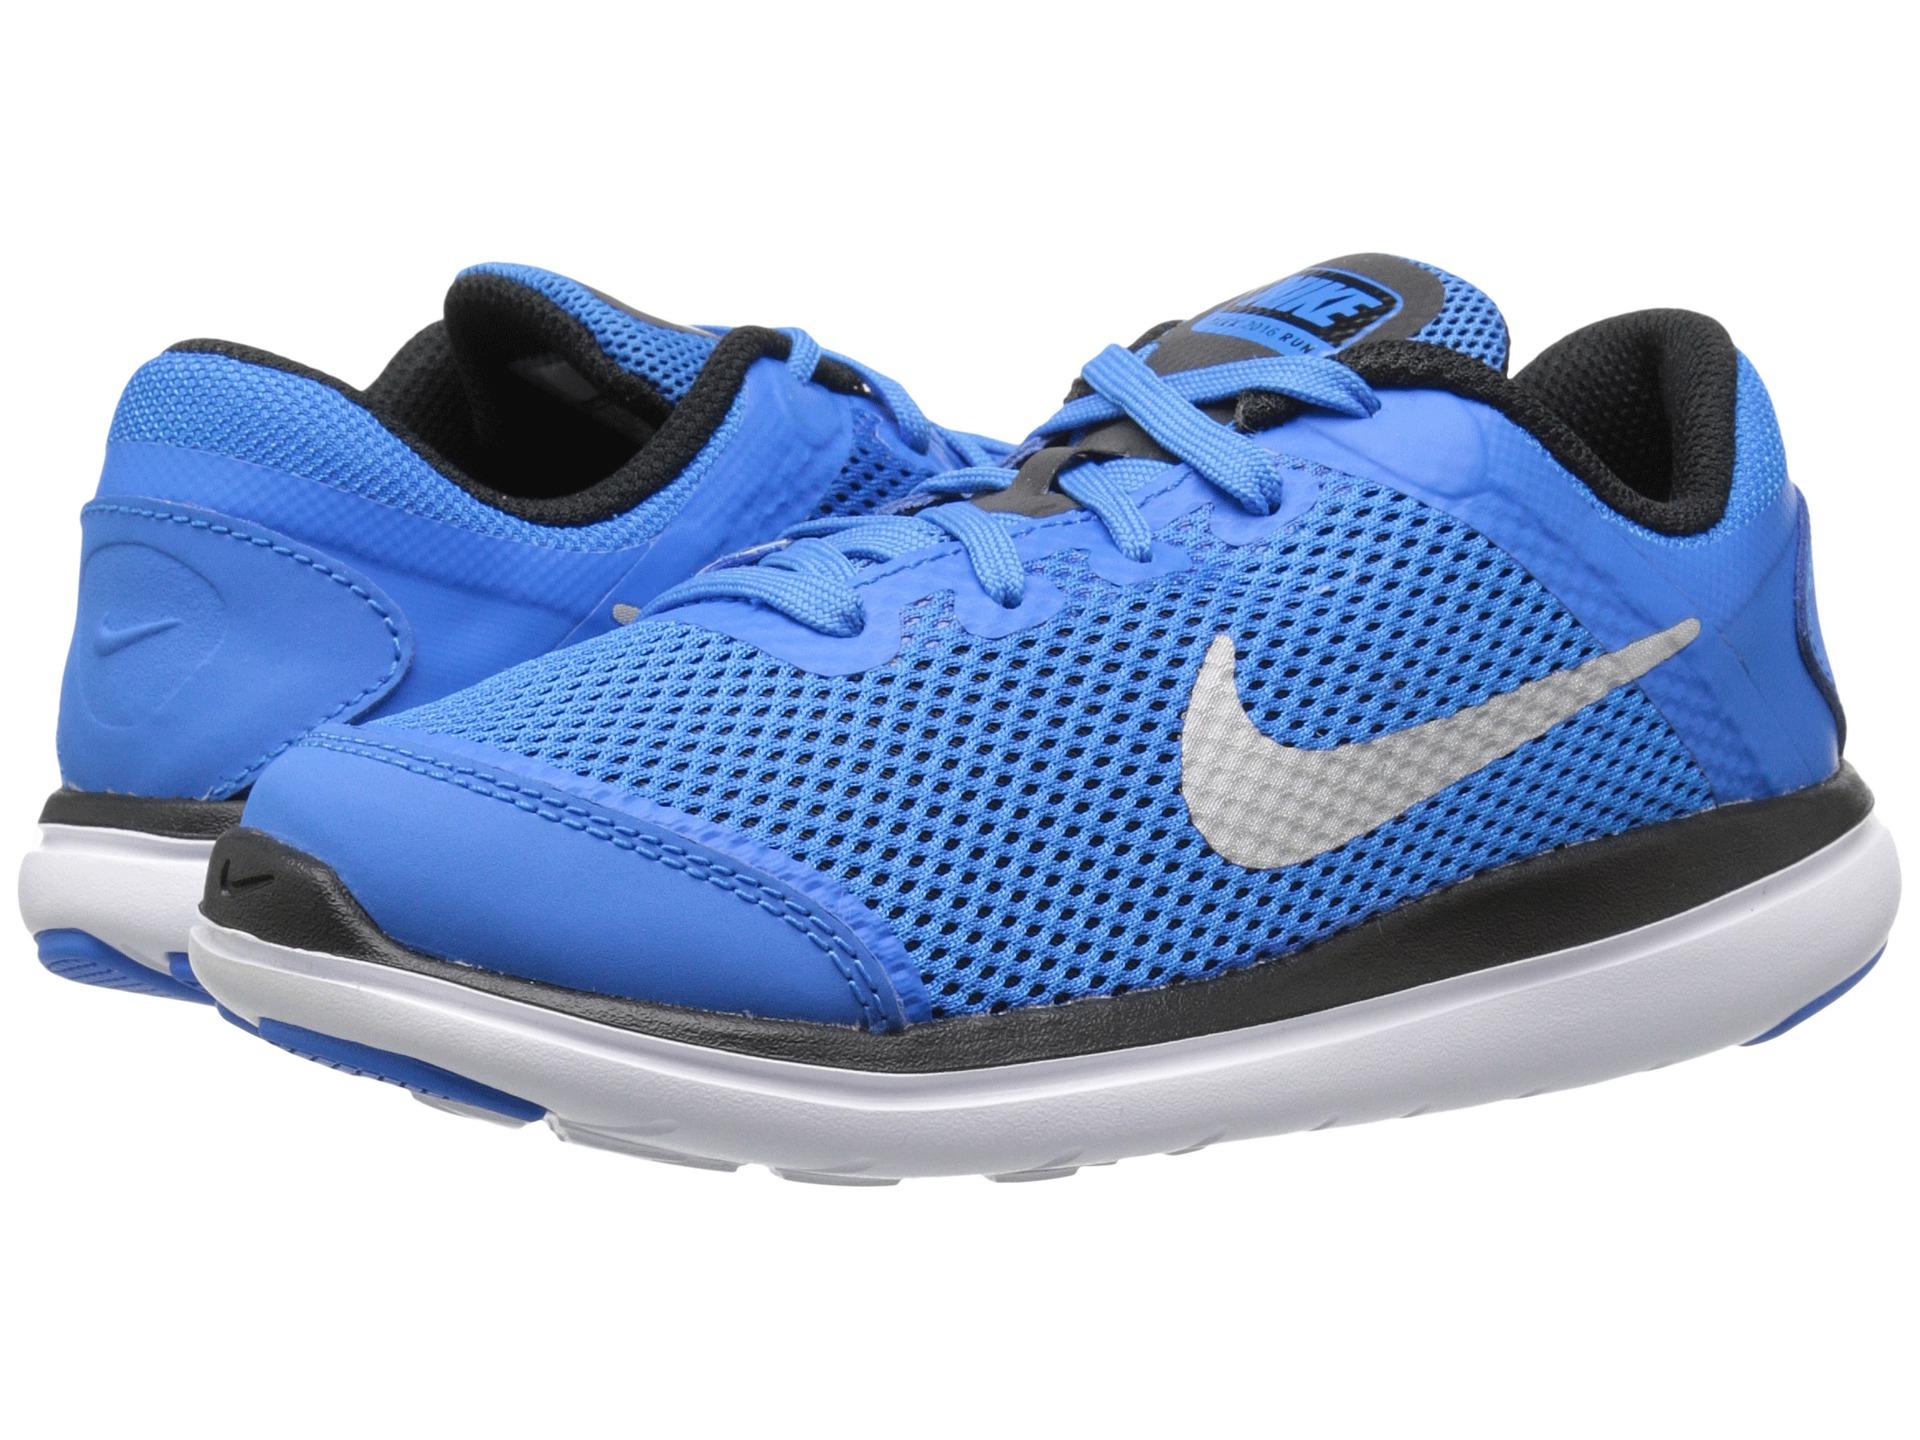 0f93243a7254b Nike Air Foamposite Pro No In Church